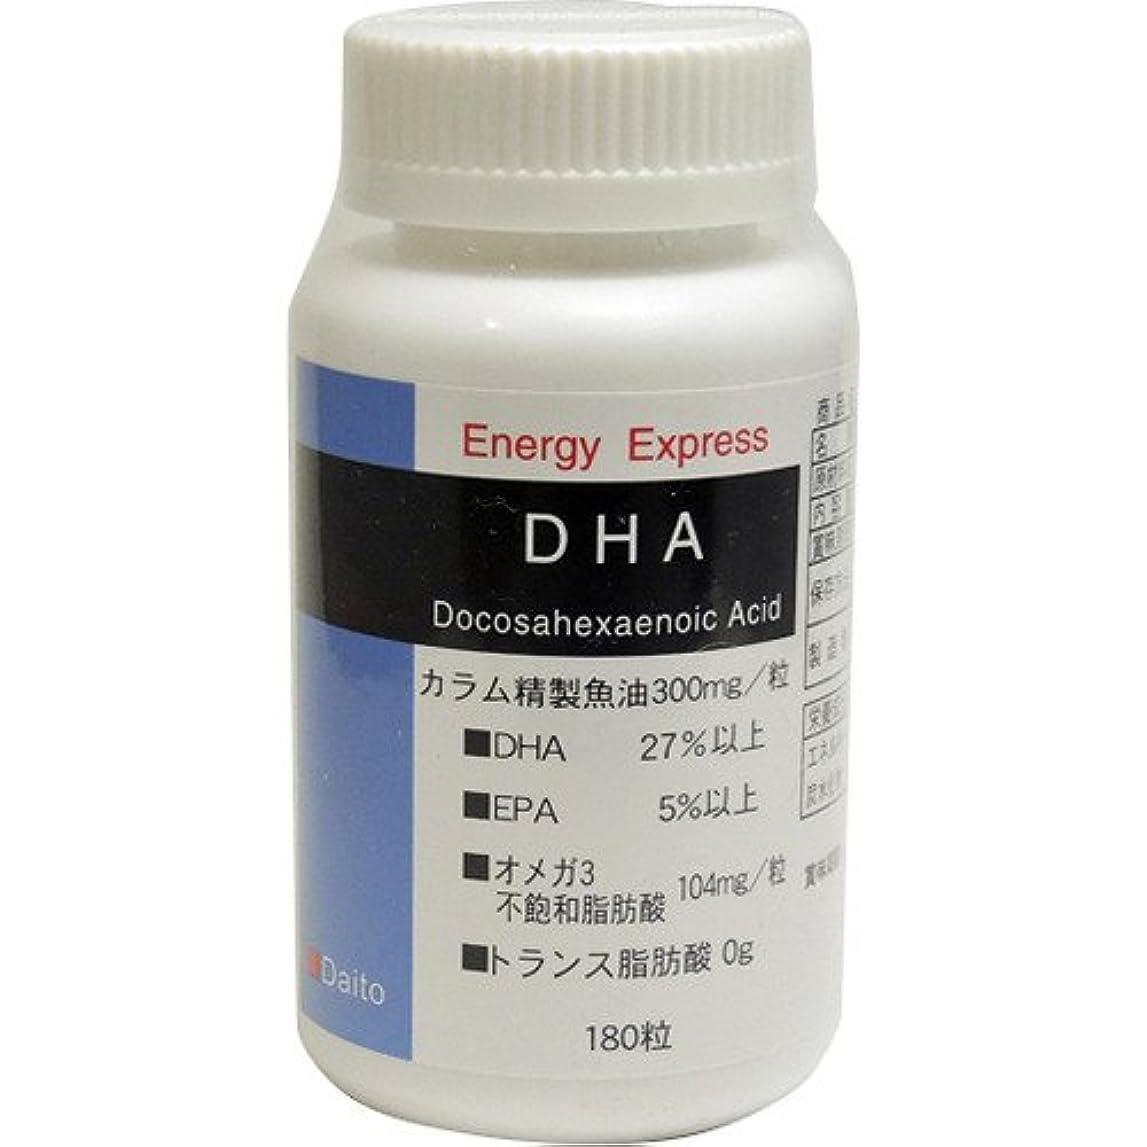 無謀オーナー信号ダイトー水産 エナジーエキスプレス DHA 445mg×180粒入り